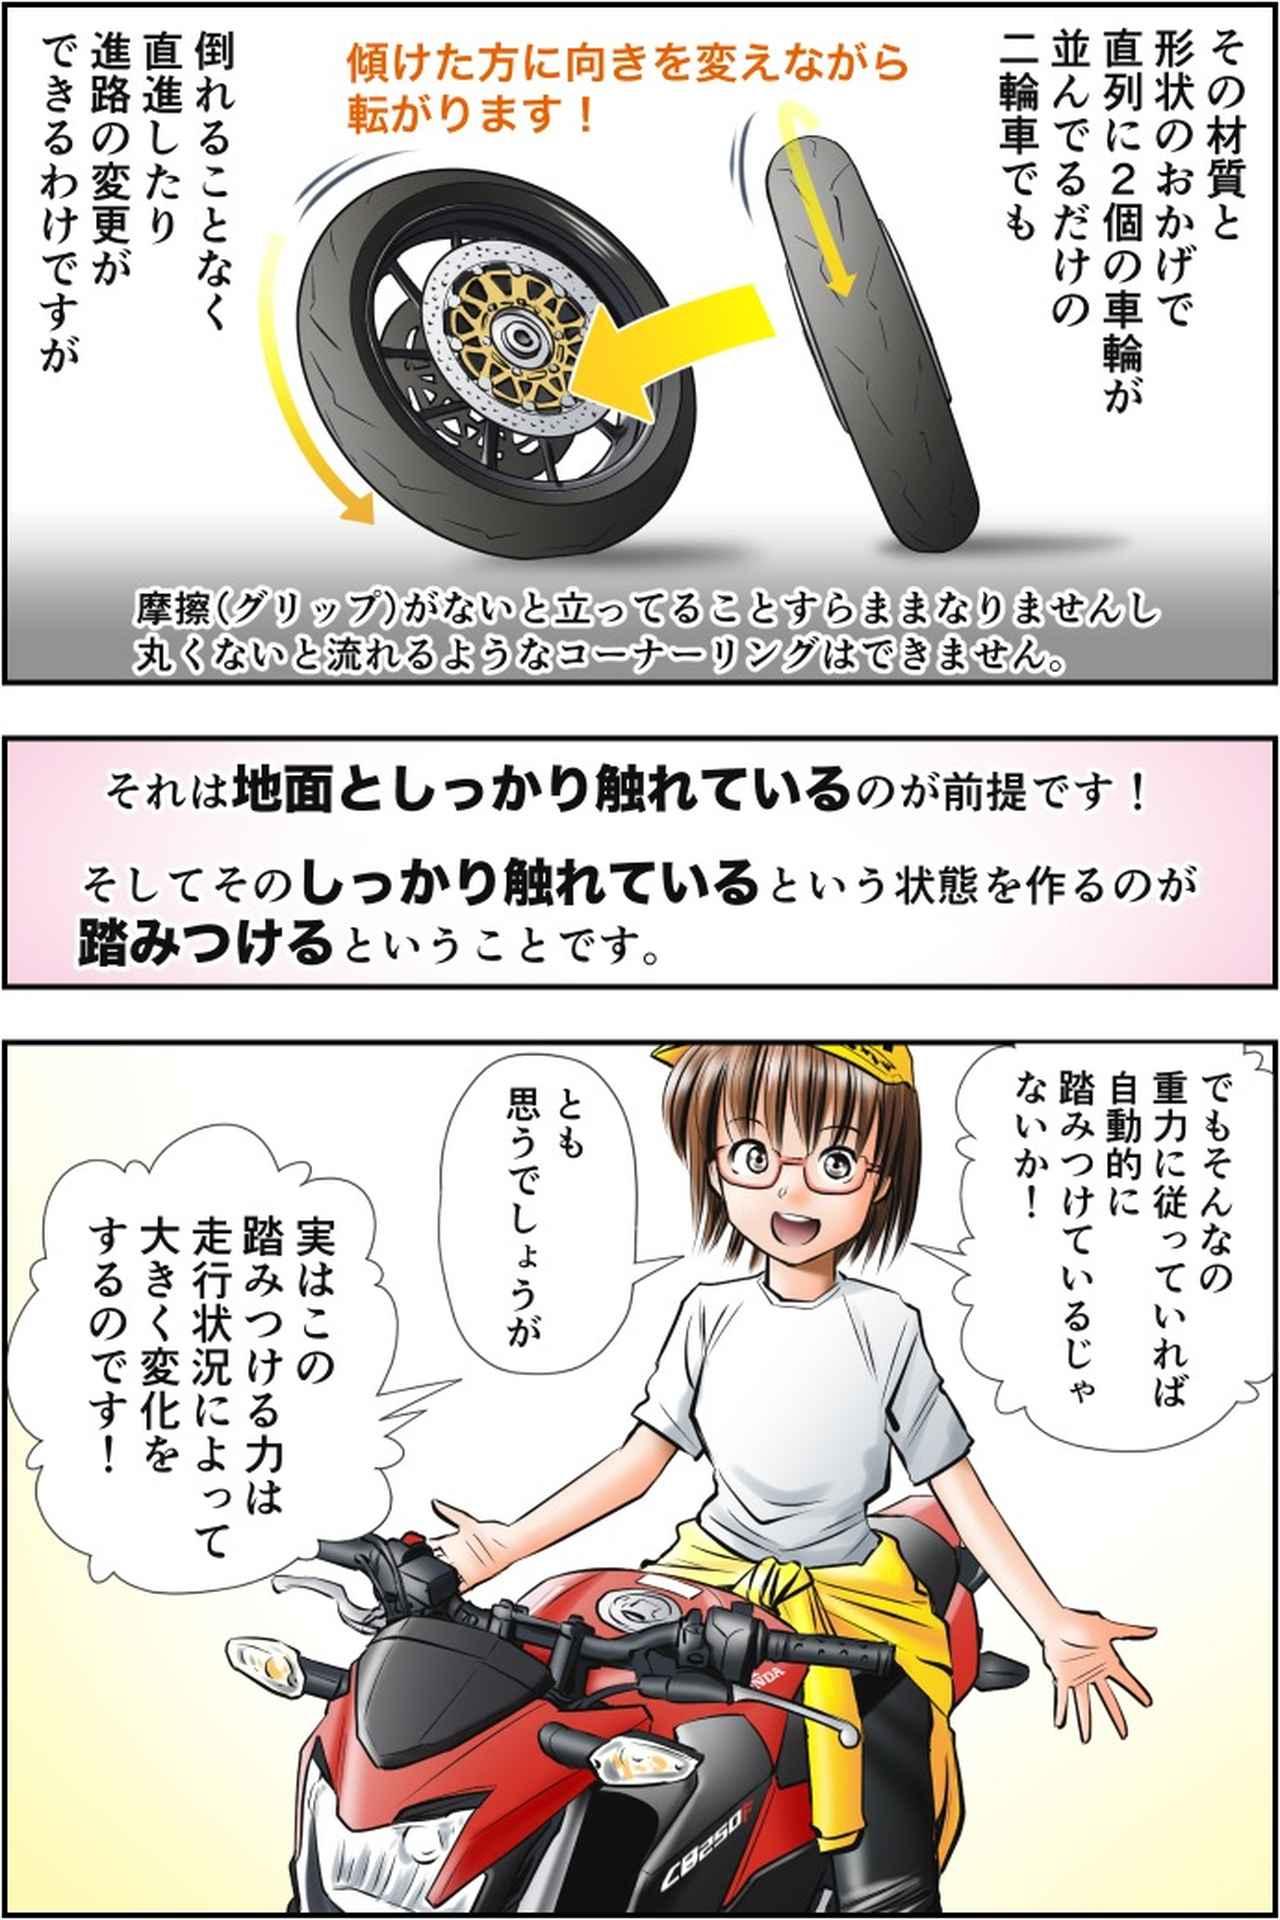 画像2: Motoジム! おまけのコーナー(タイヤで地面を踏みつけろ!)  作・ばどみゅーみん